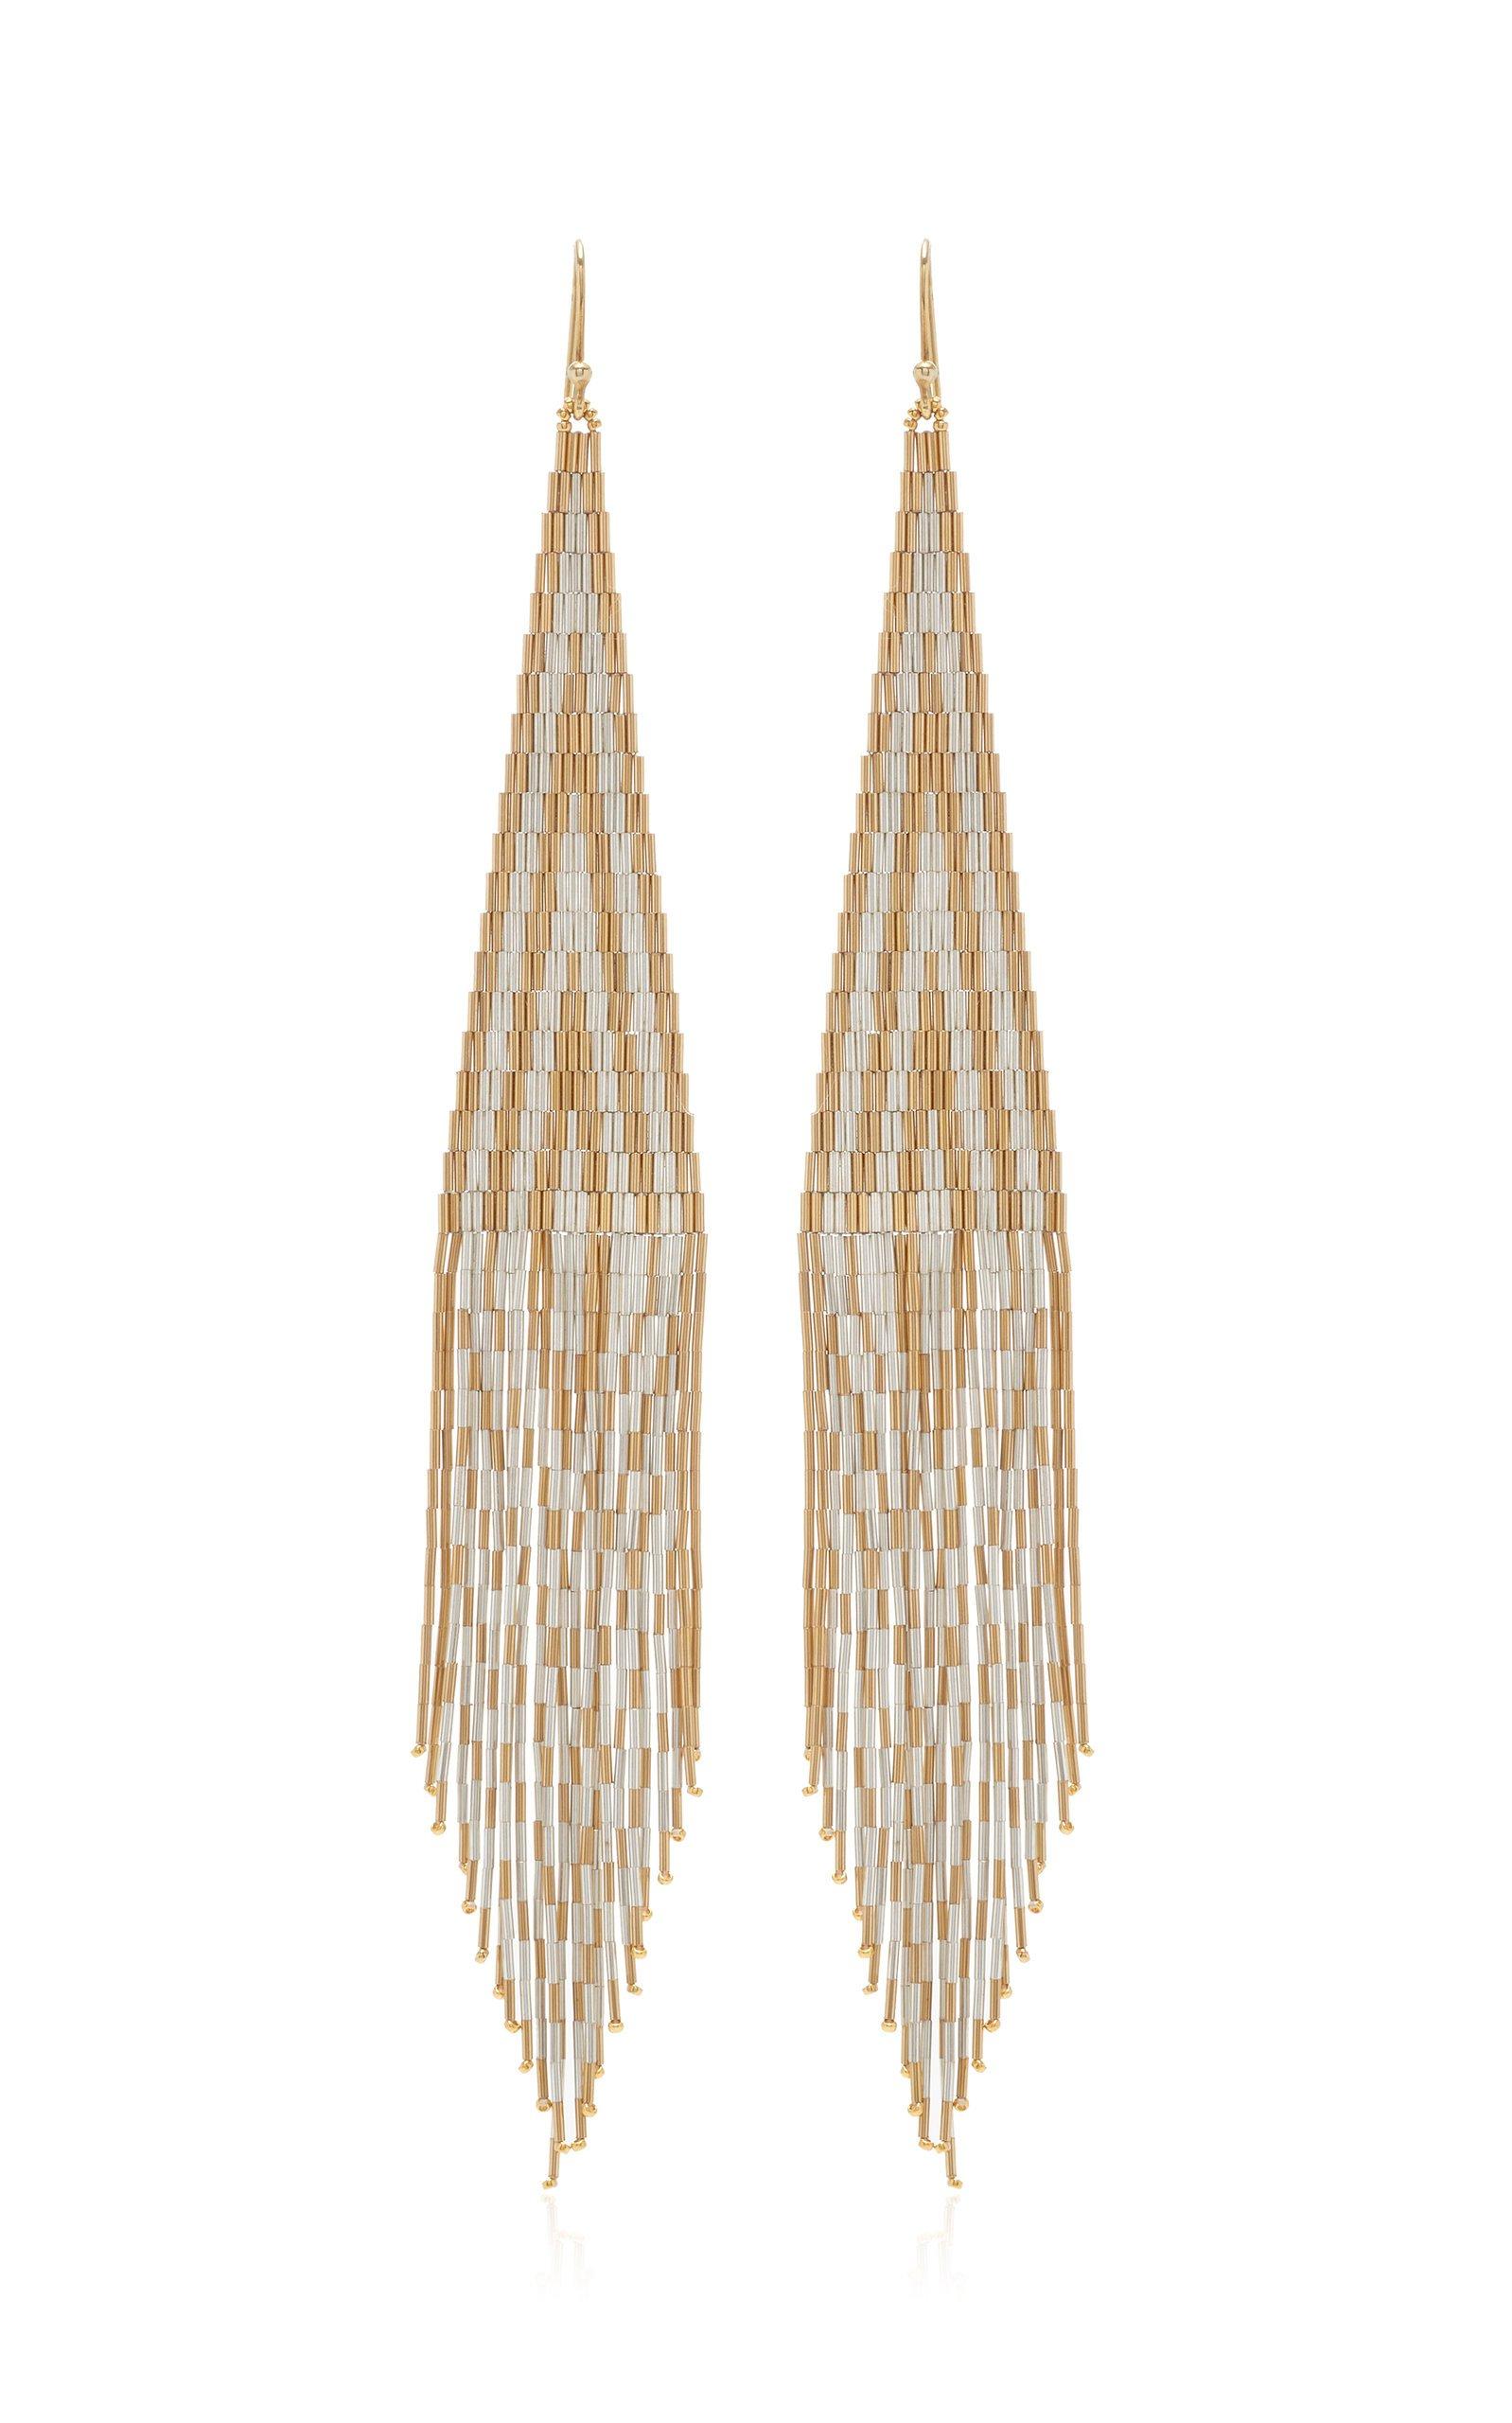 Lisa Eisner 14K Gold and Silver Fringe Earrings